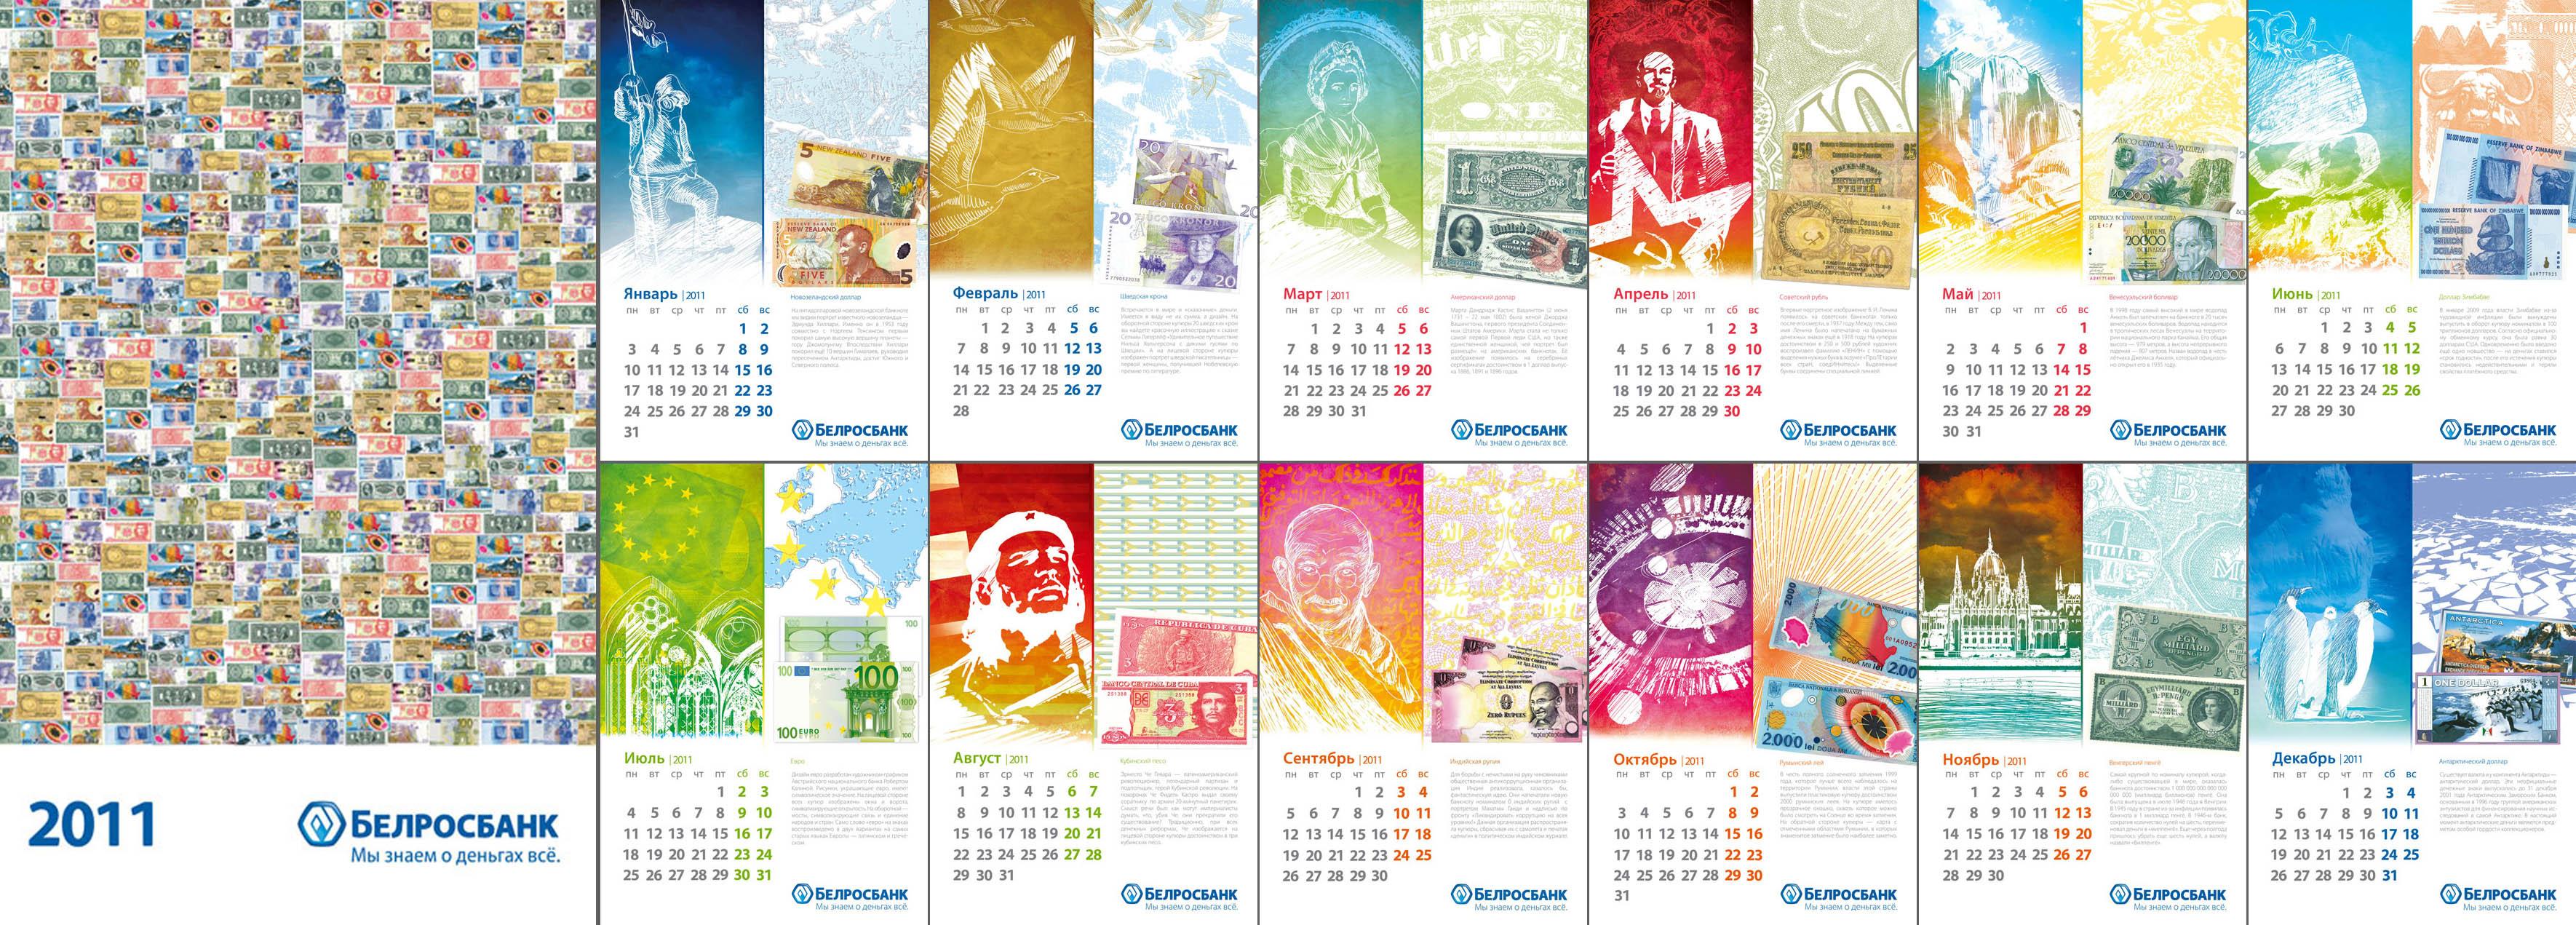 Календарь Белросбанка